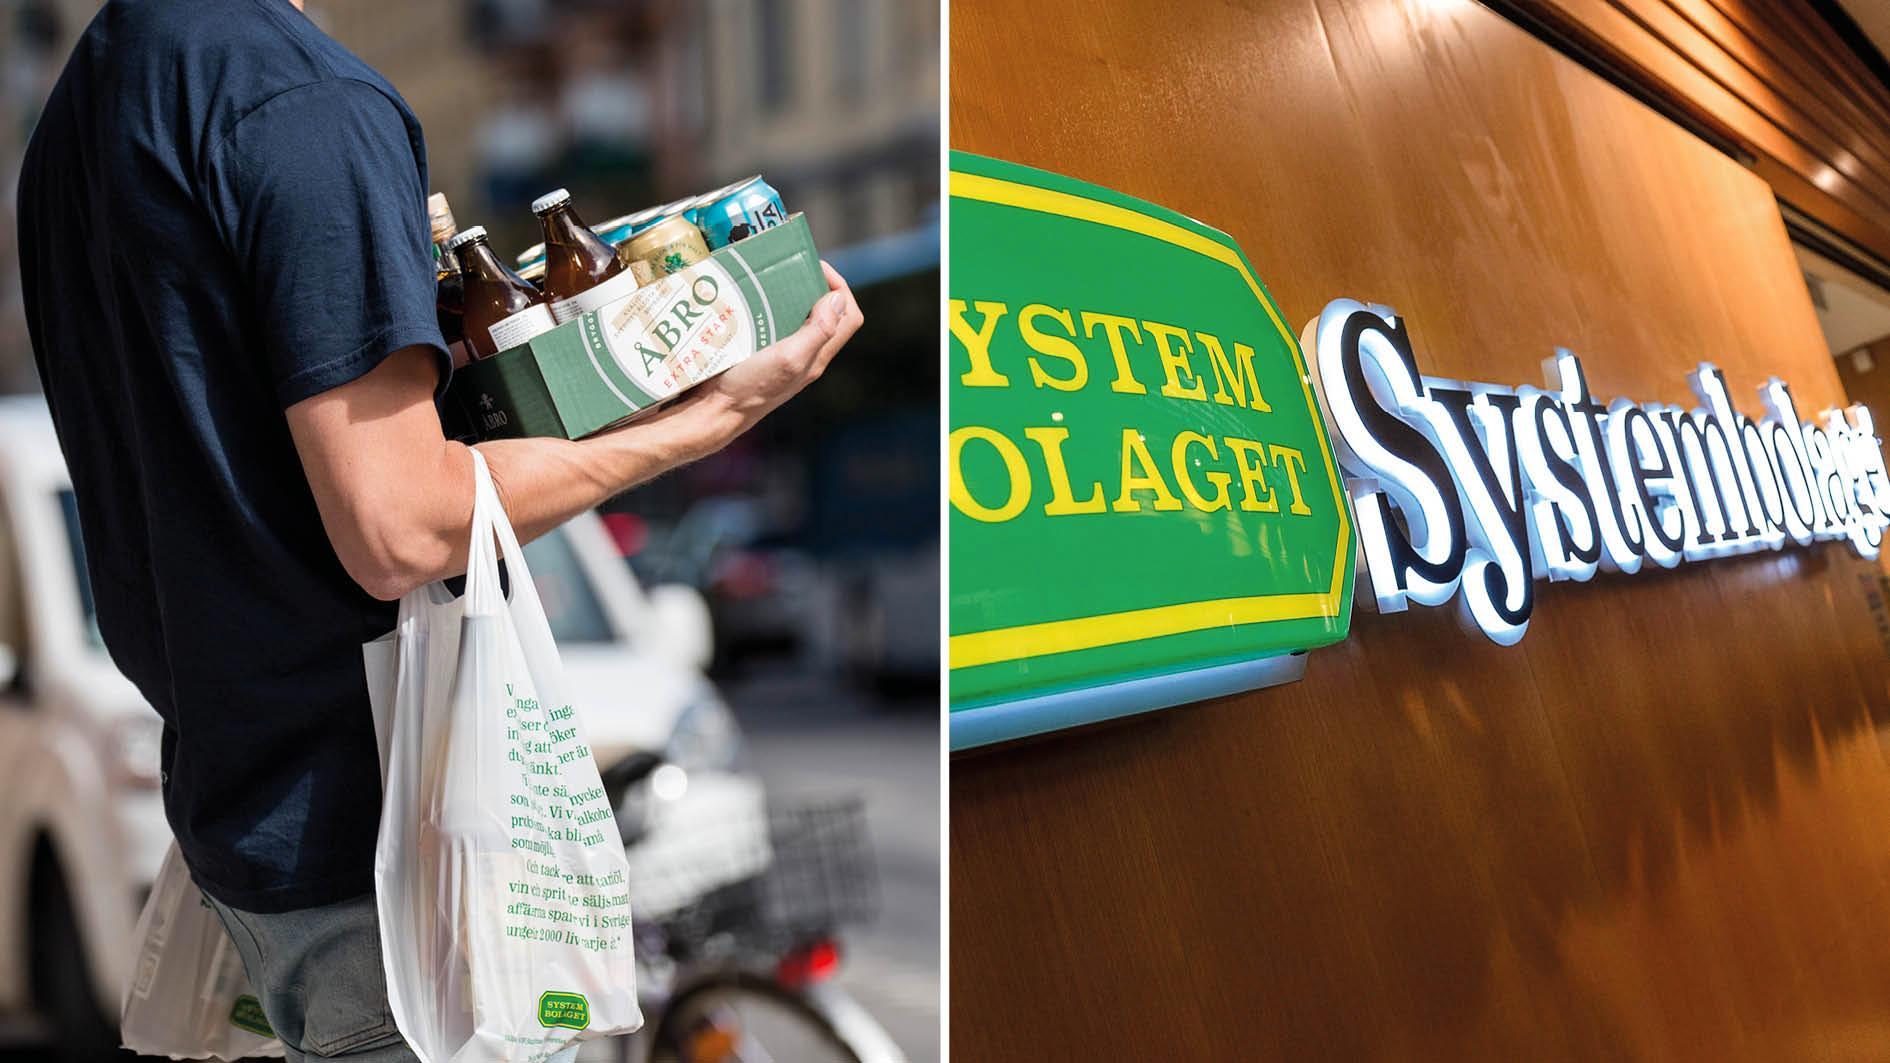 Som medarbetare på Systembolaget känner vi en oro över vad gårdsförsäljning av alkohol skulle innebära för monopolet och folkhälsan, skriver 11 anställda.